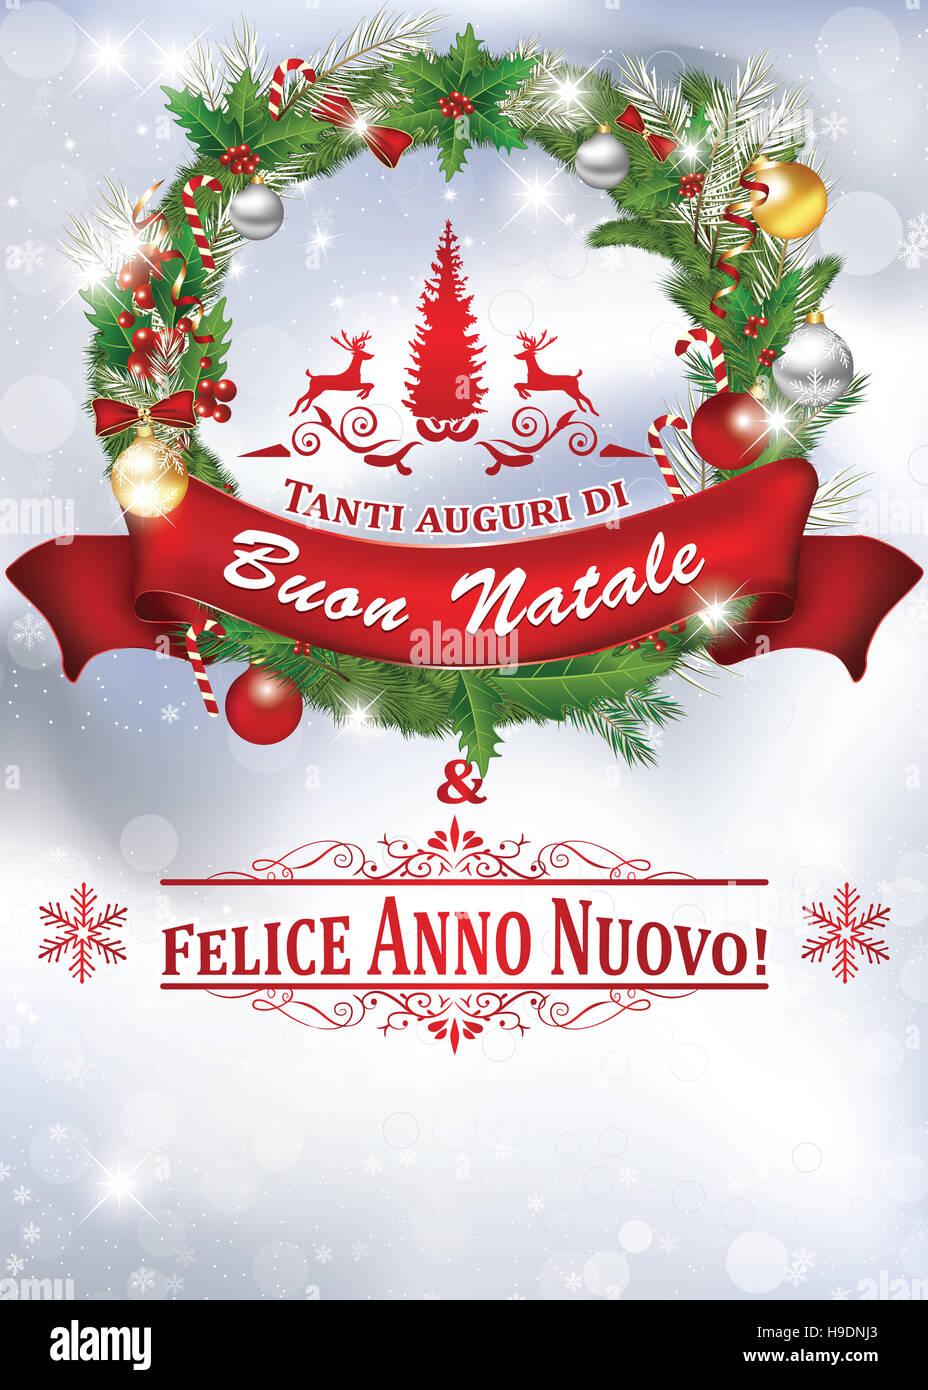 Popolare Tanti auguri di Buon Natale & felice Anno Nuovo! - Biglietto Stock  PR59